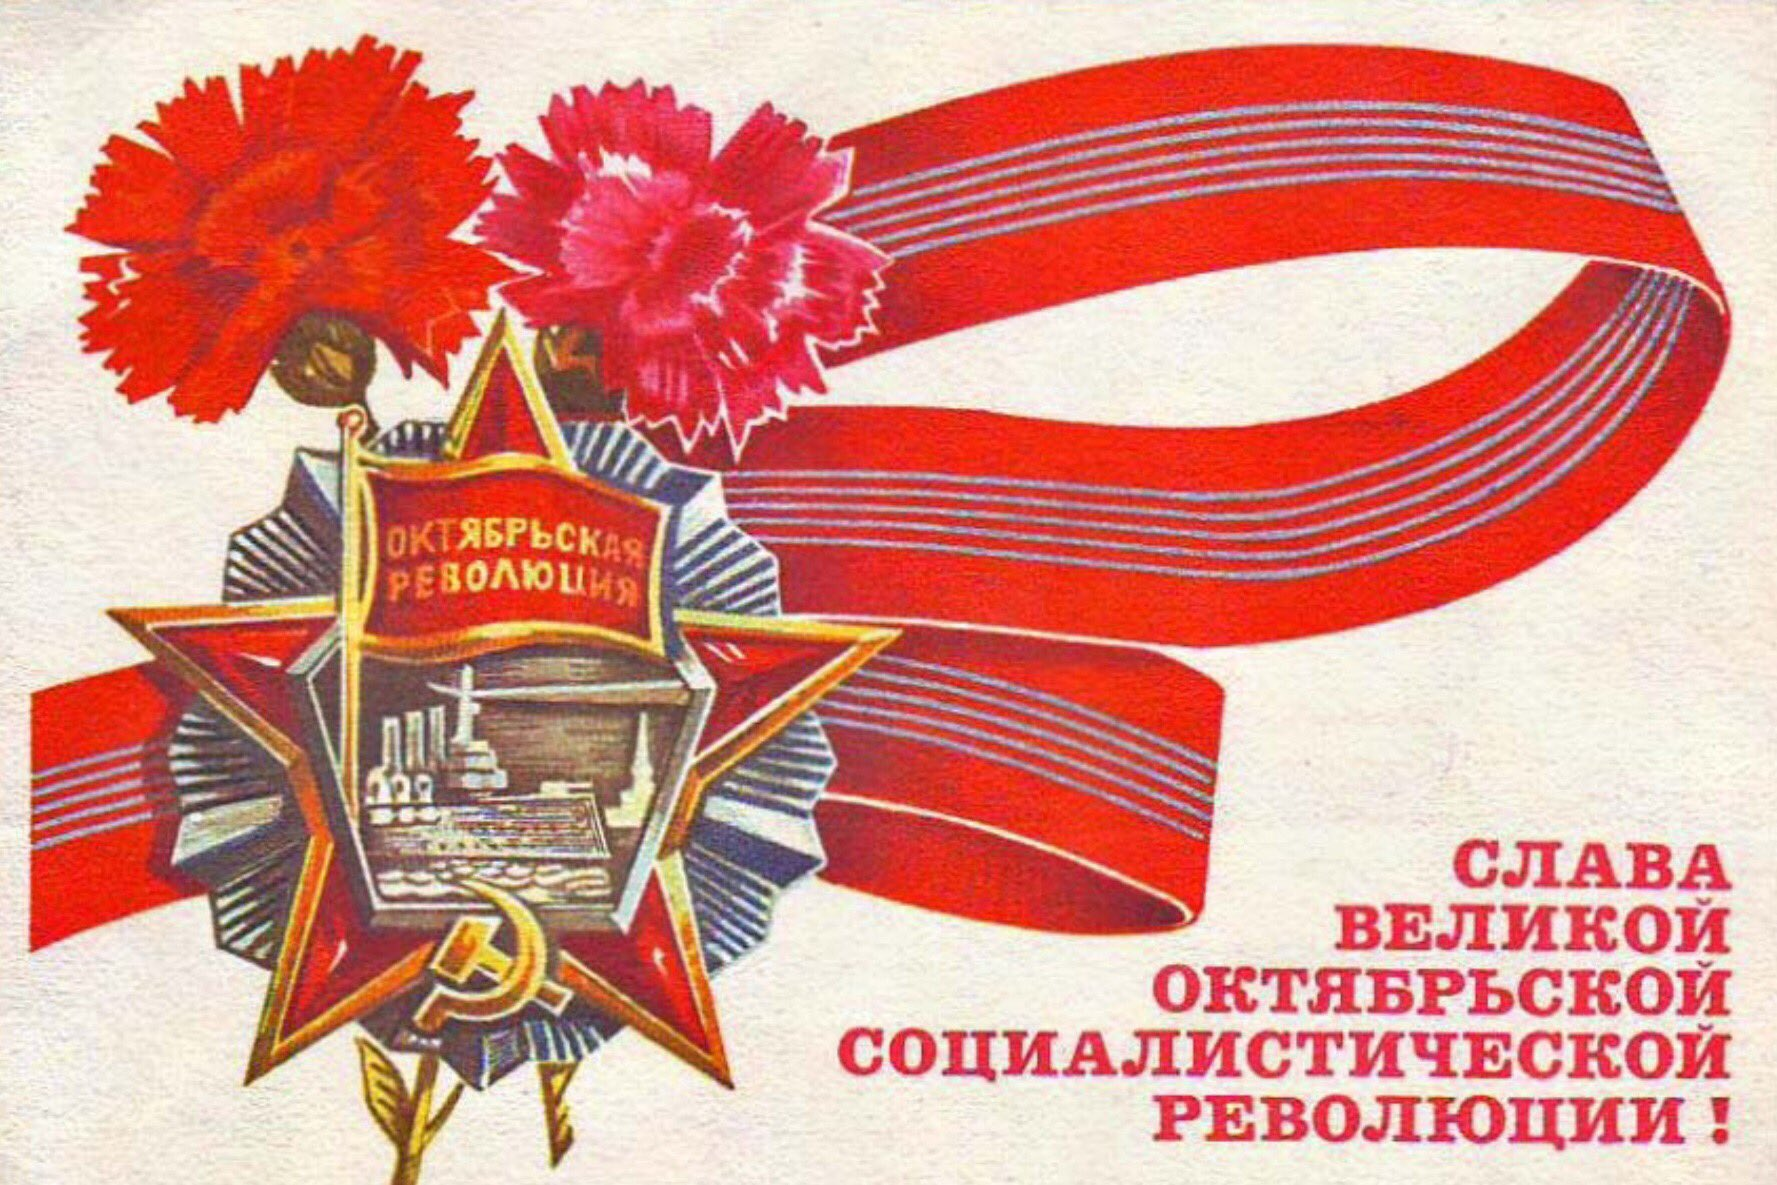 Для, картинки к дню революции